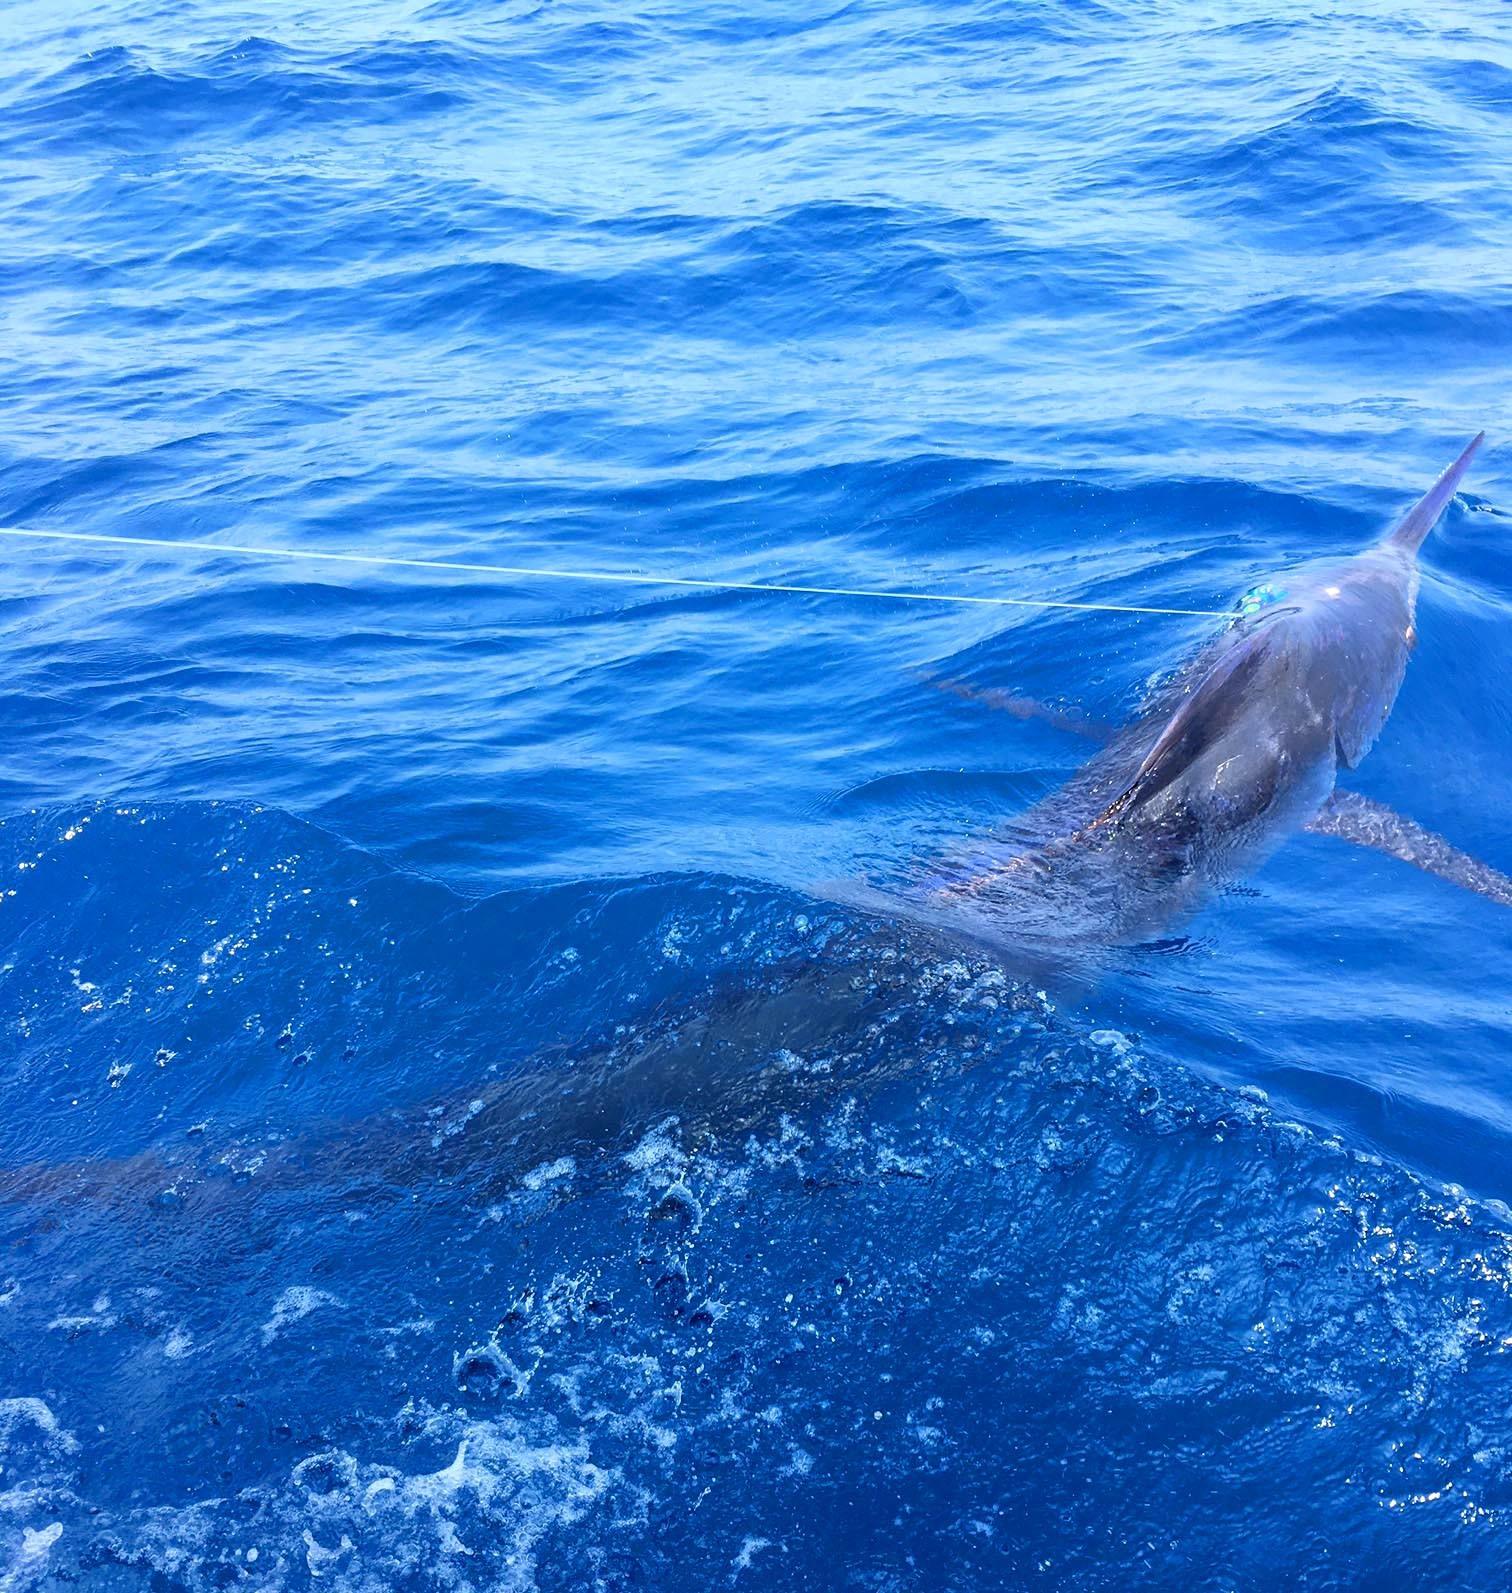 8月最初の土日は全国で釣れまくり3東日本編_f0009039_18402419.jpg